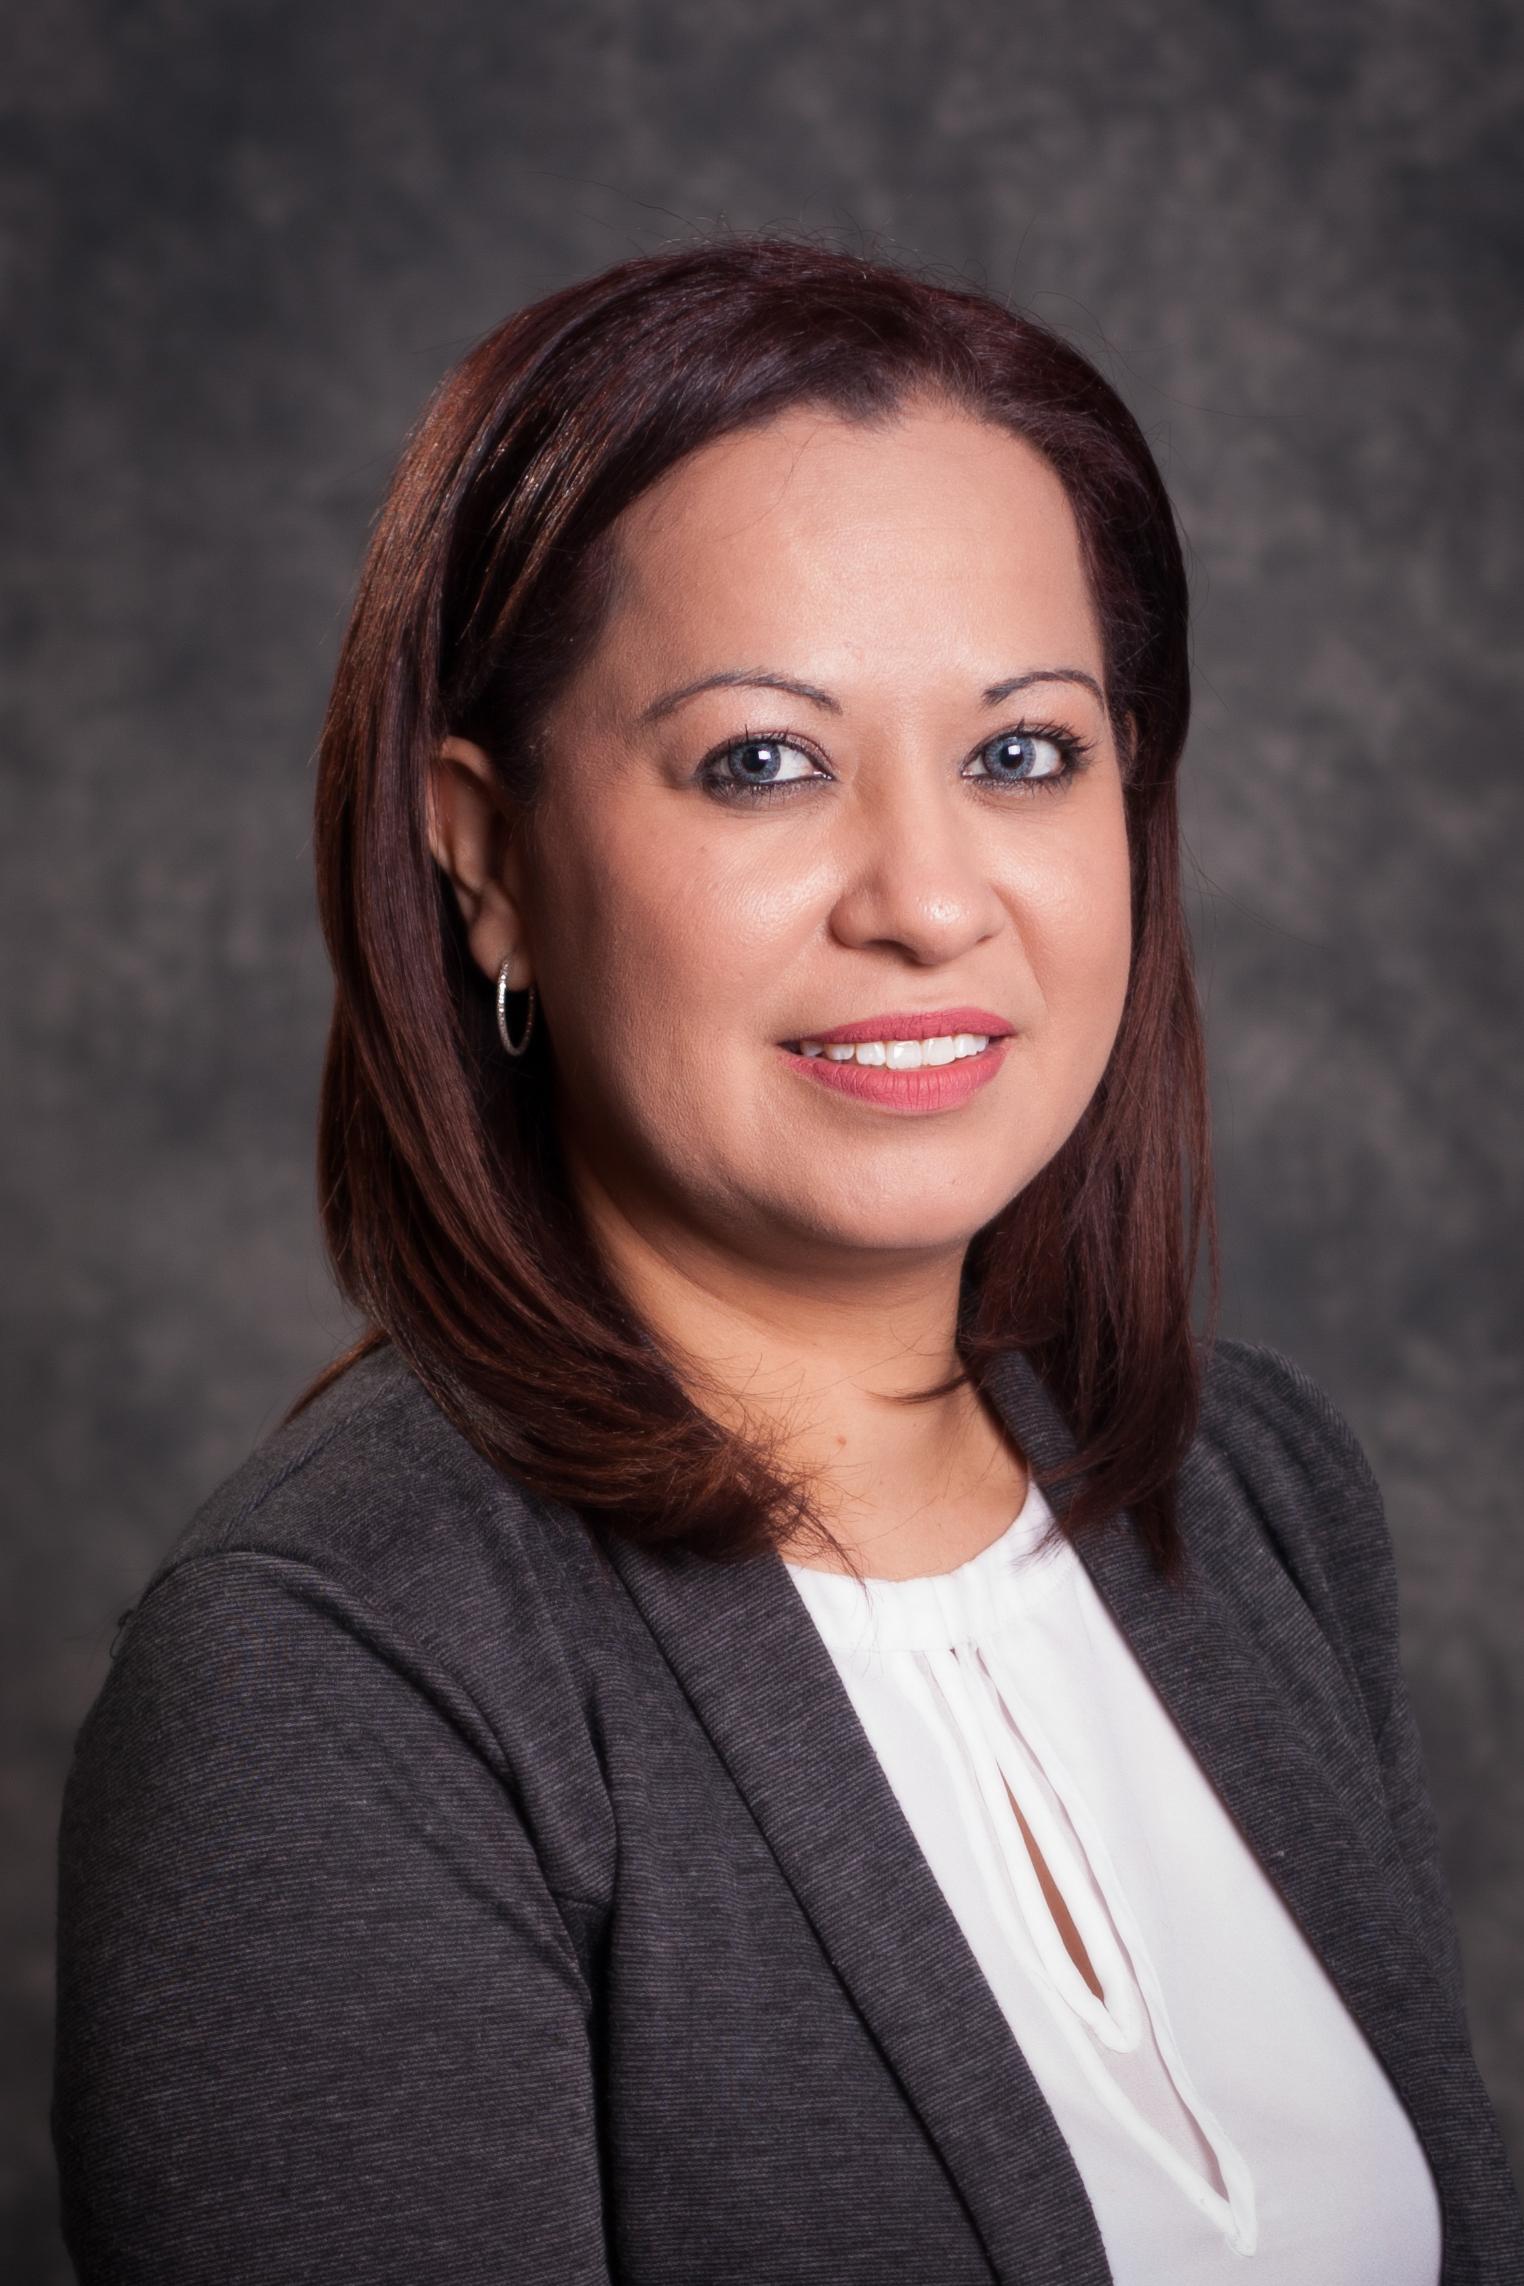 Sonia Robles